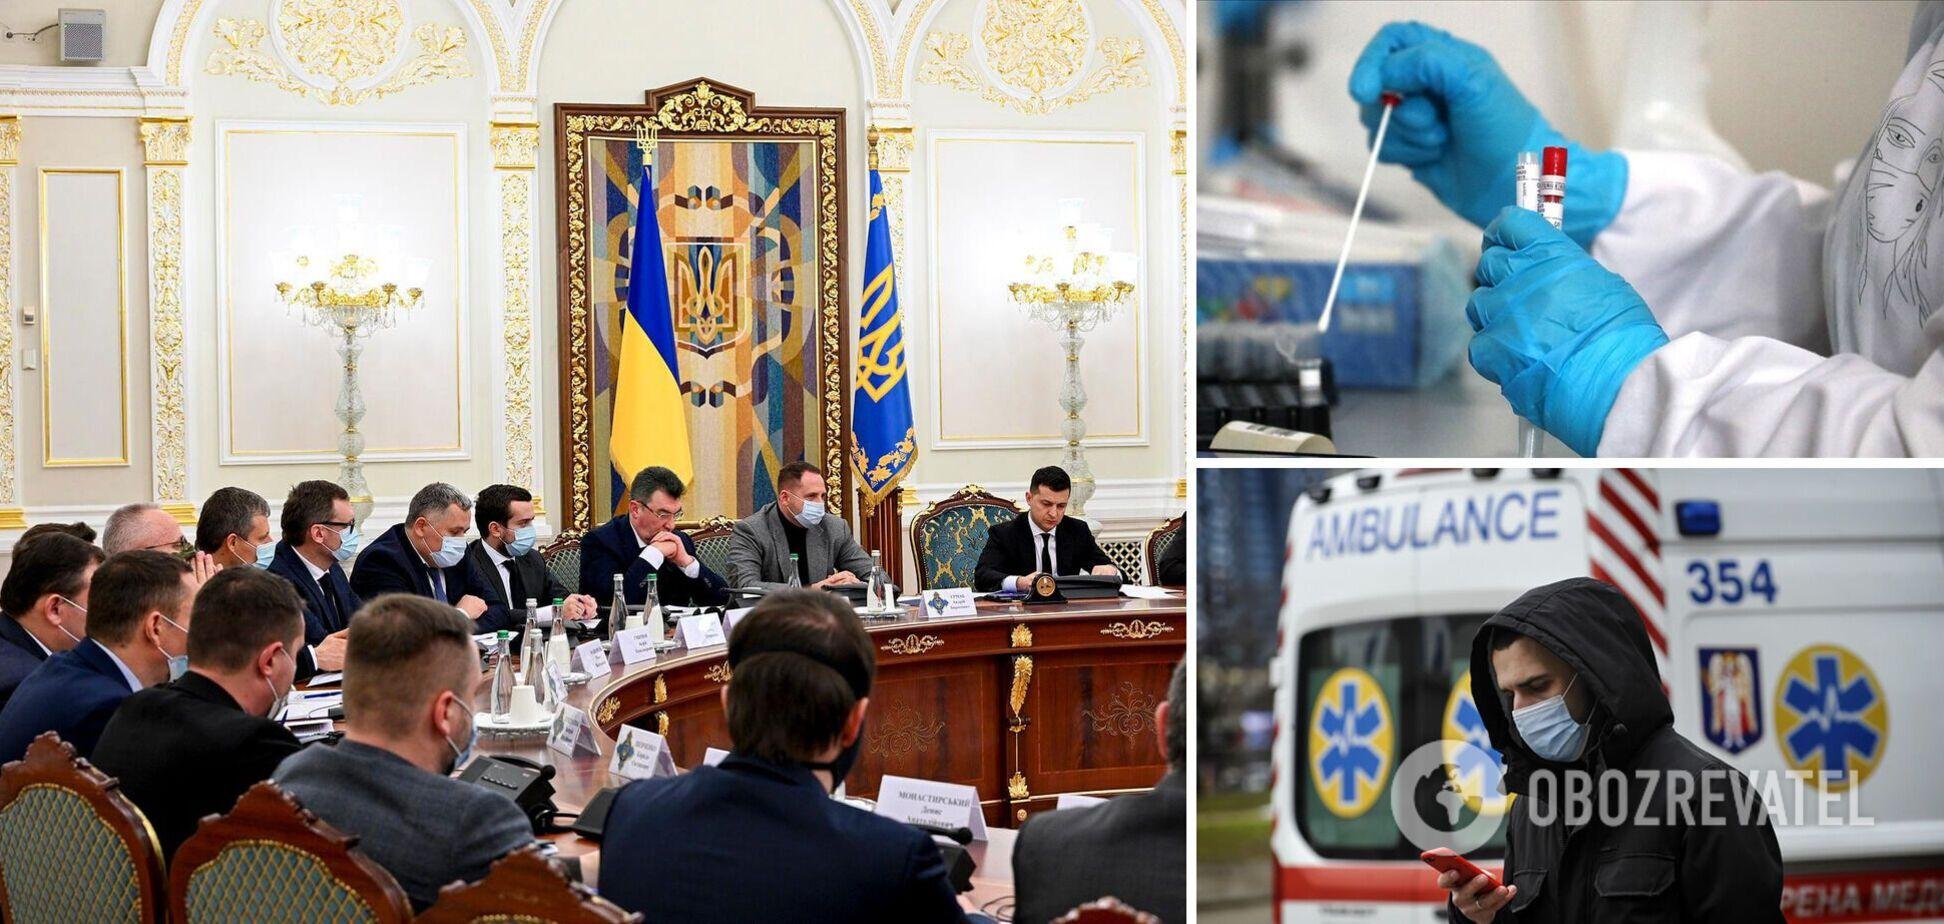 В Украине хотят усилить контроль за карантином: что решили на срочном заседании СНБО из-за штамма Дельта